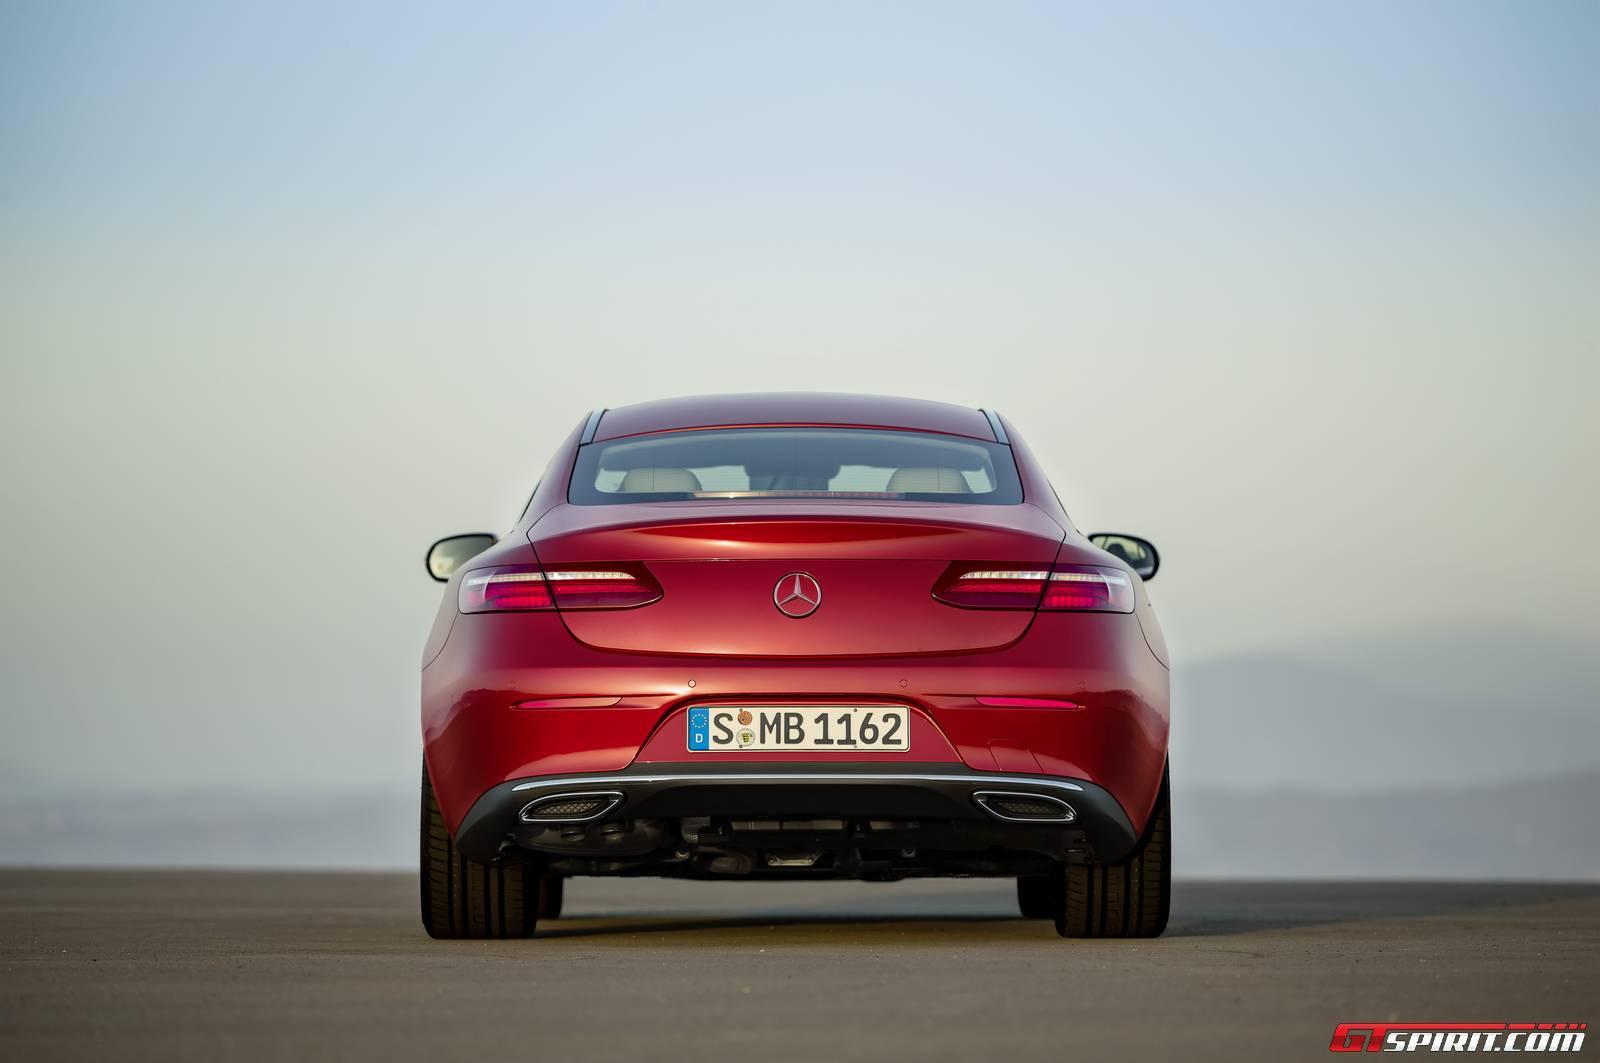 2017 Mercedes-Benz E-Class Coupe Rear